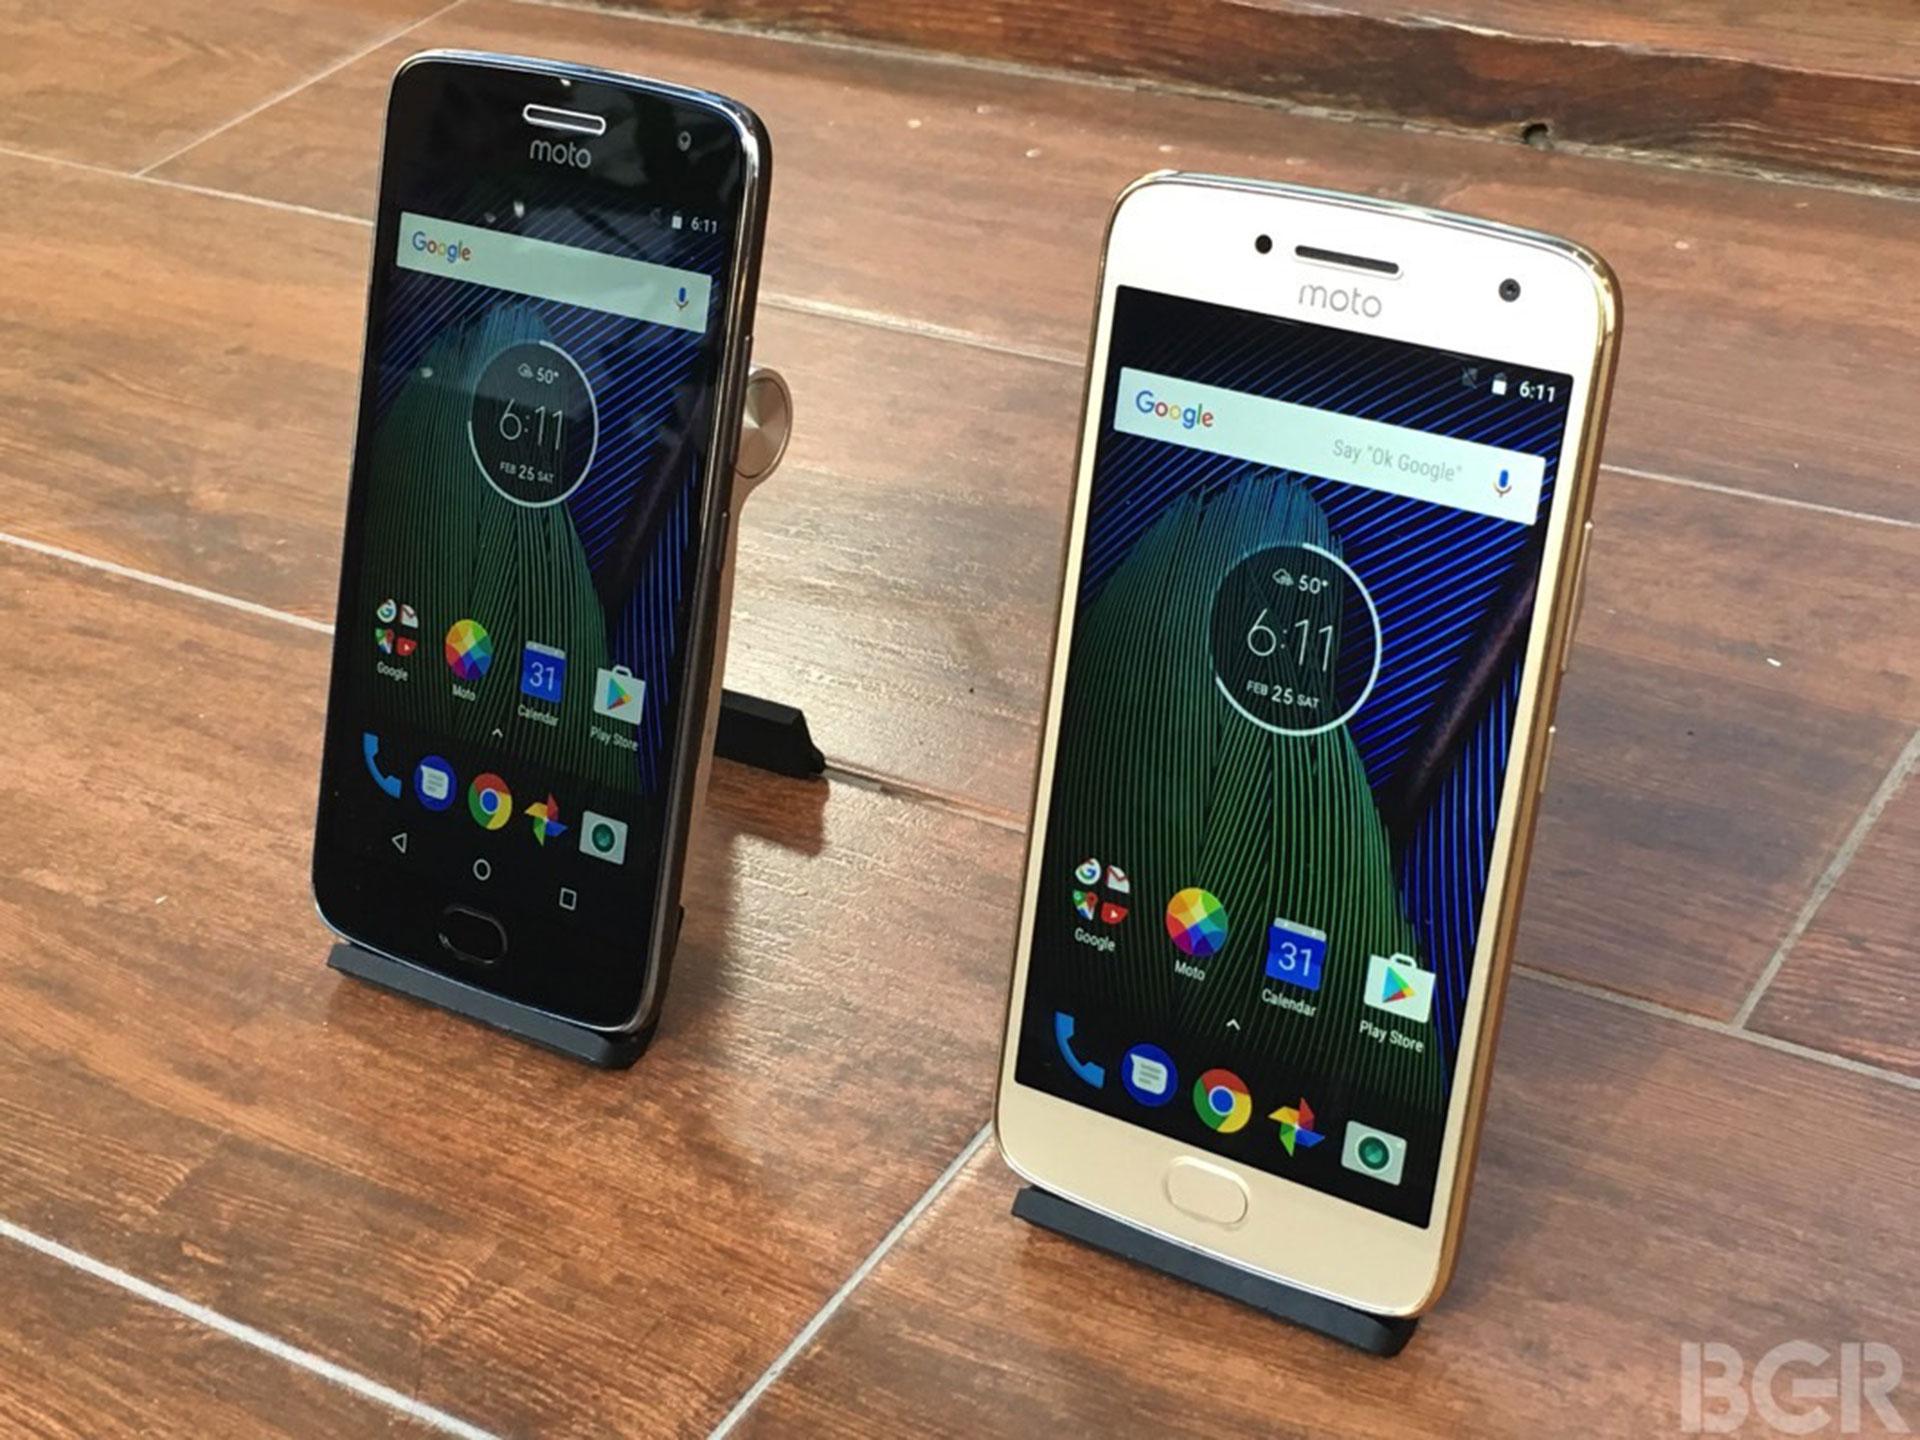 Lenovo lanzó sus teléfonos Moto G5 y Moto G5 Plus, que cuenta con Google Assistant y saldrán a la venta este marzo